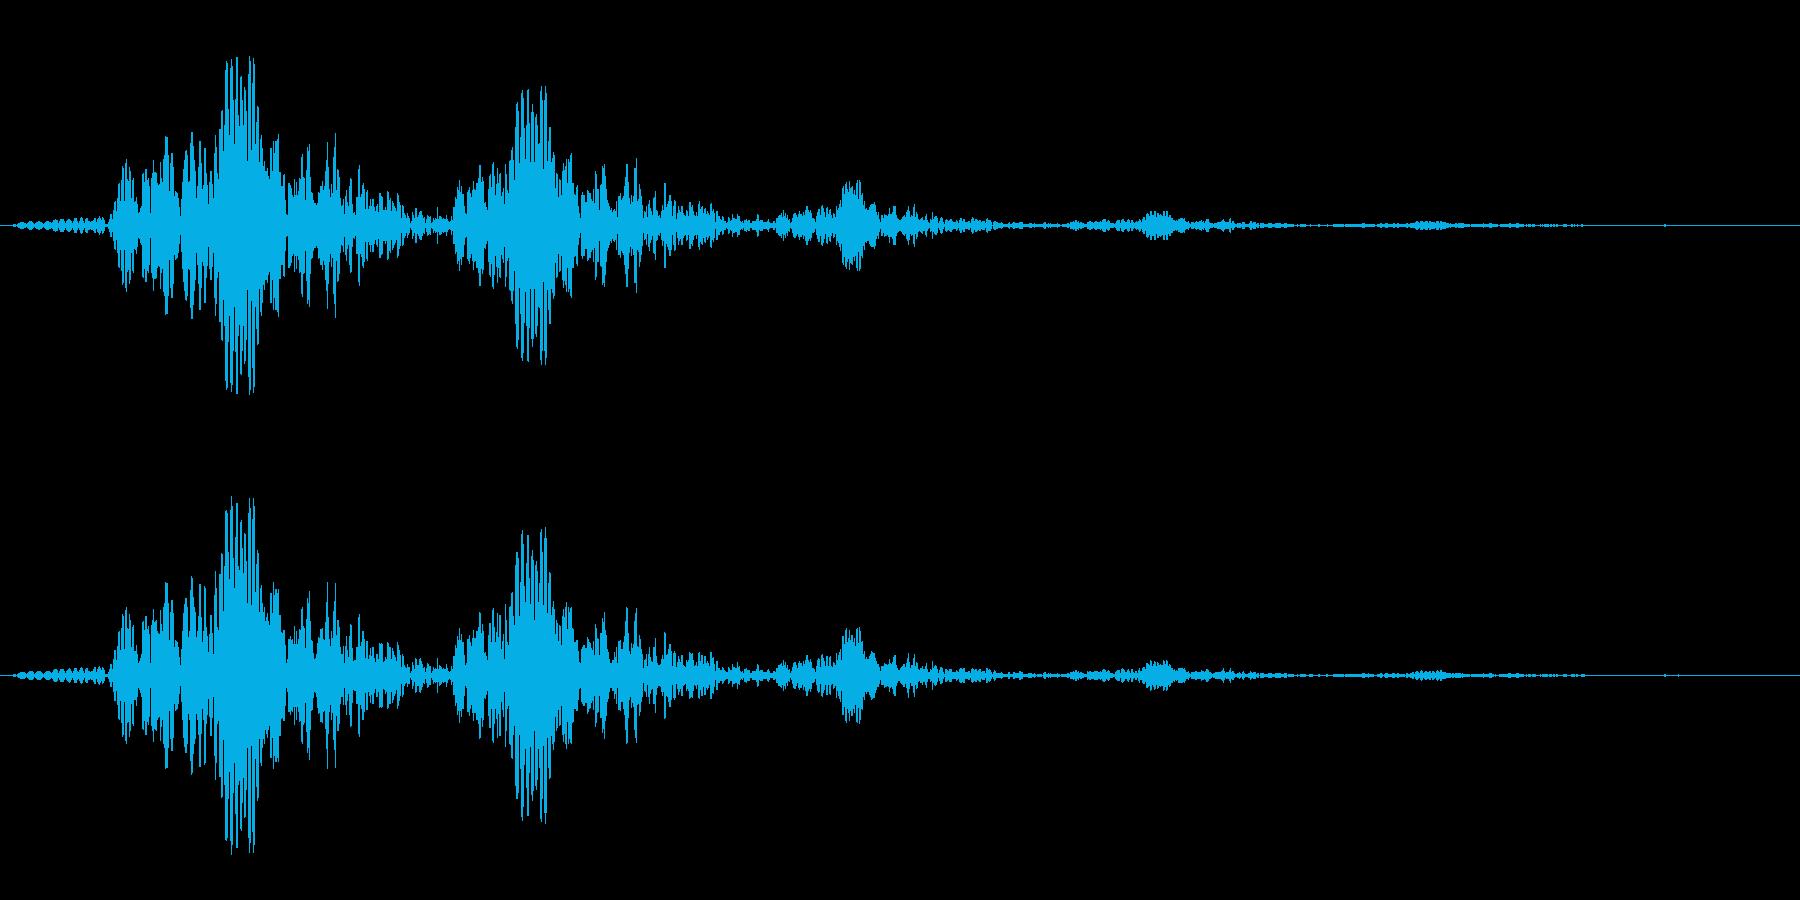 プワプワ(水中の音)の再生済みの波形